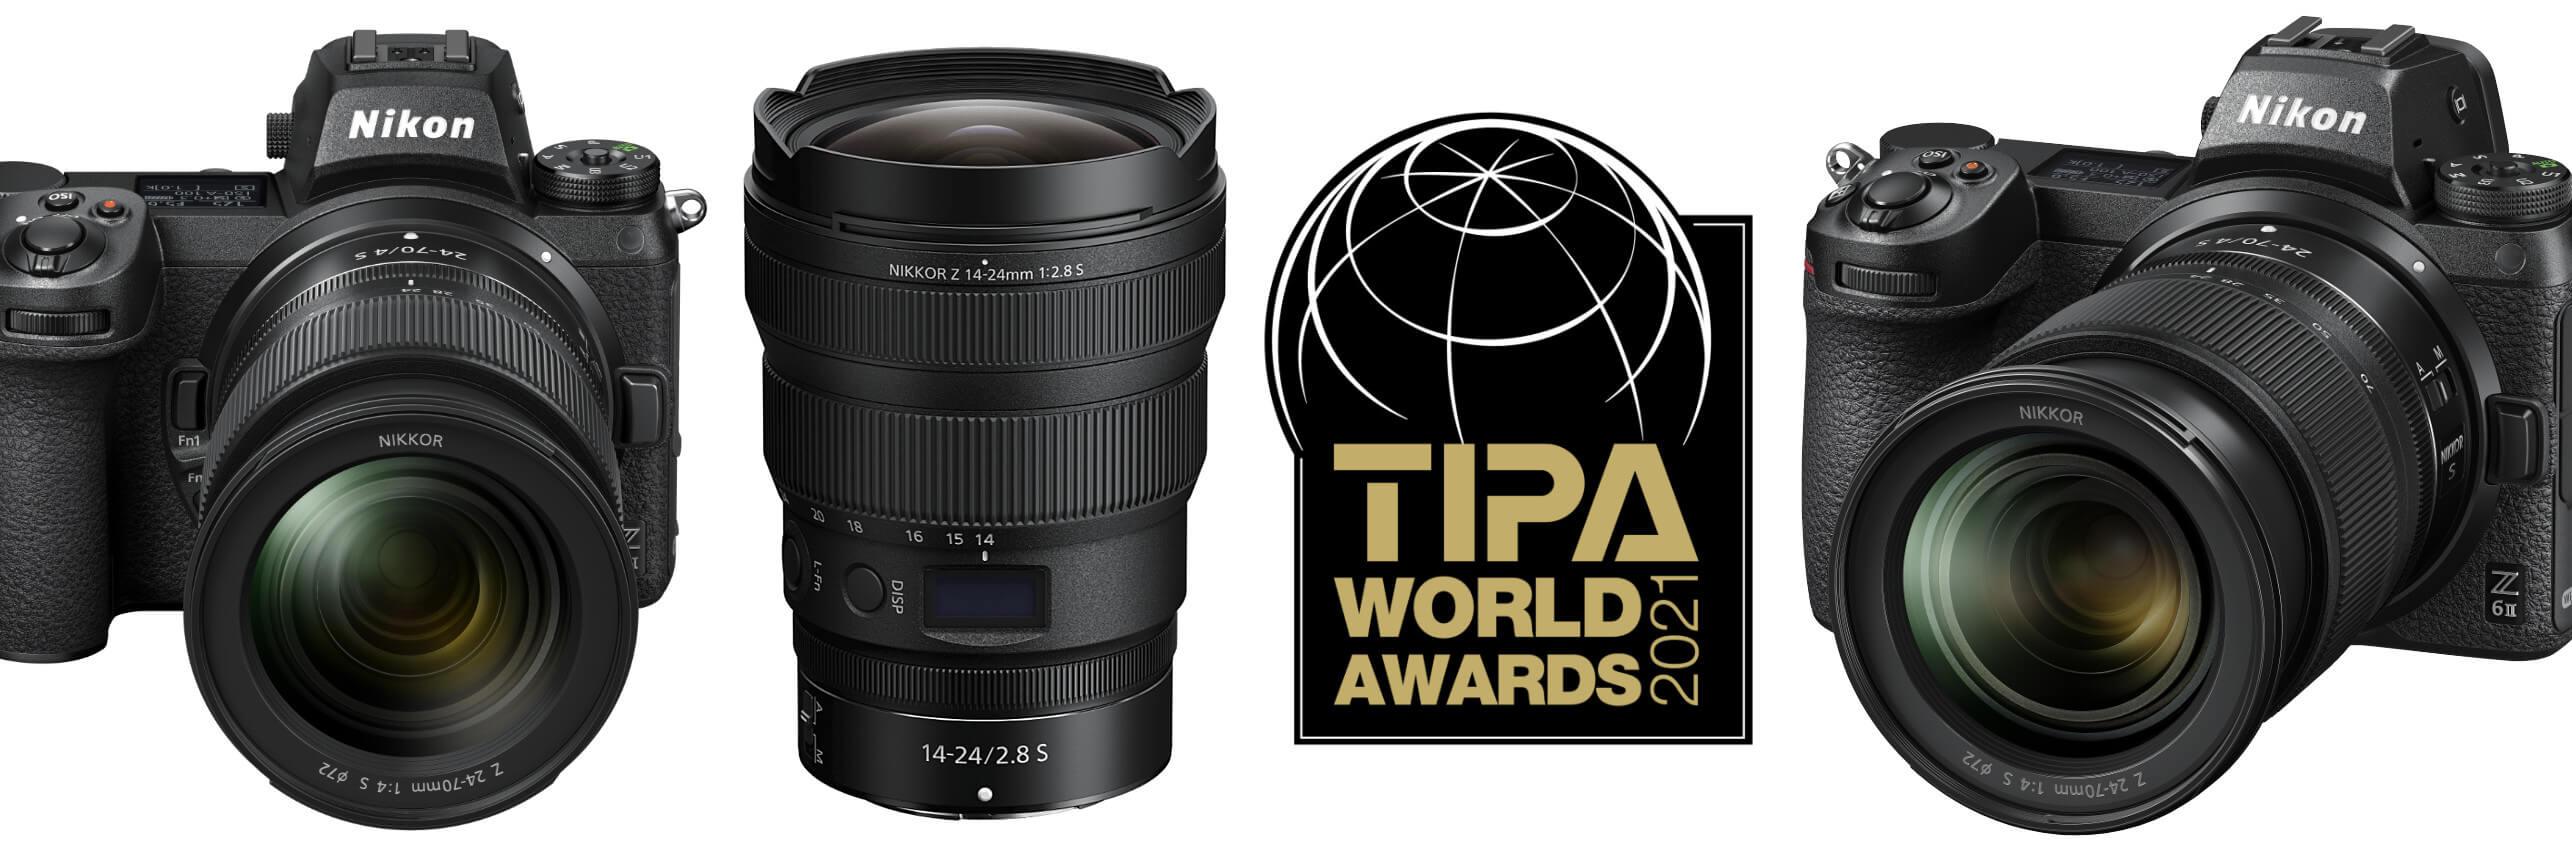 TIPA 2021 vzkazuje: Nikon patří k fotografické elitě